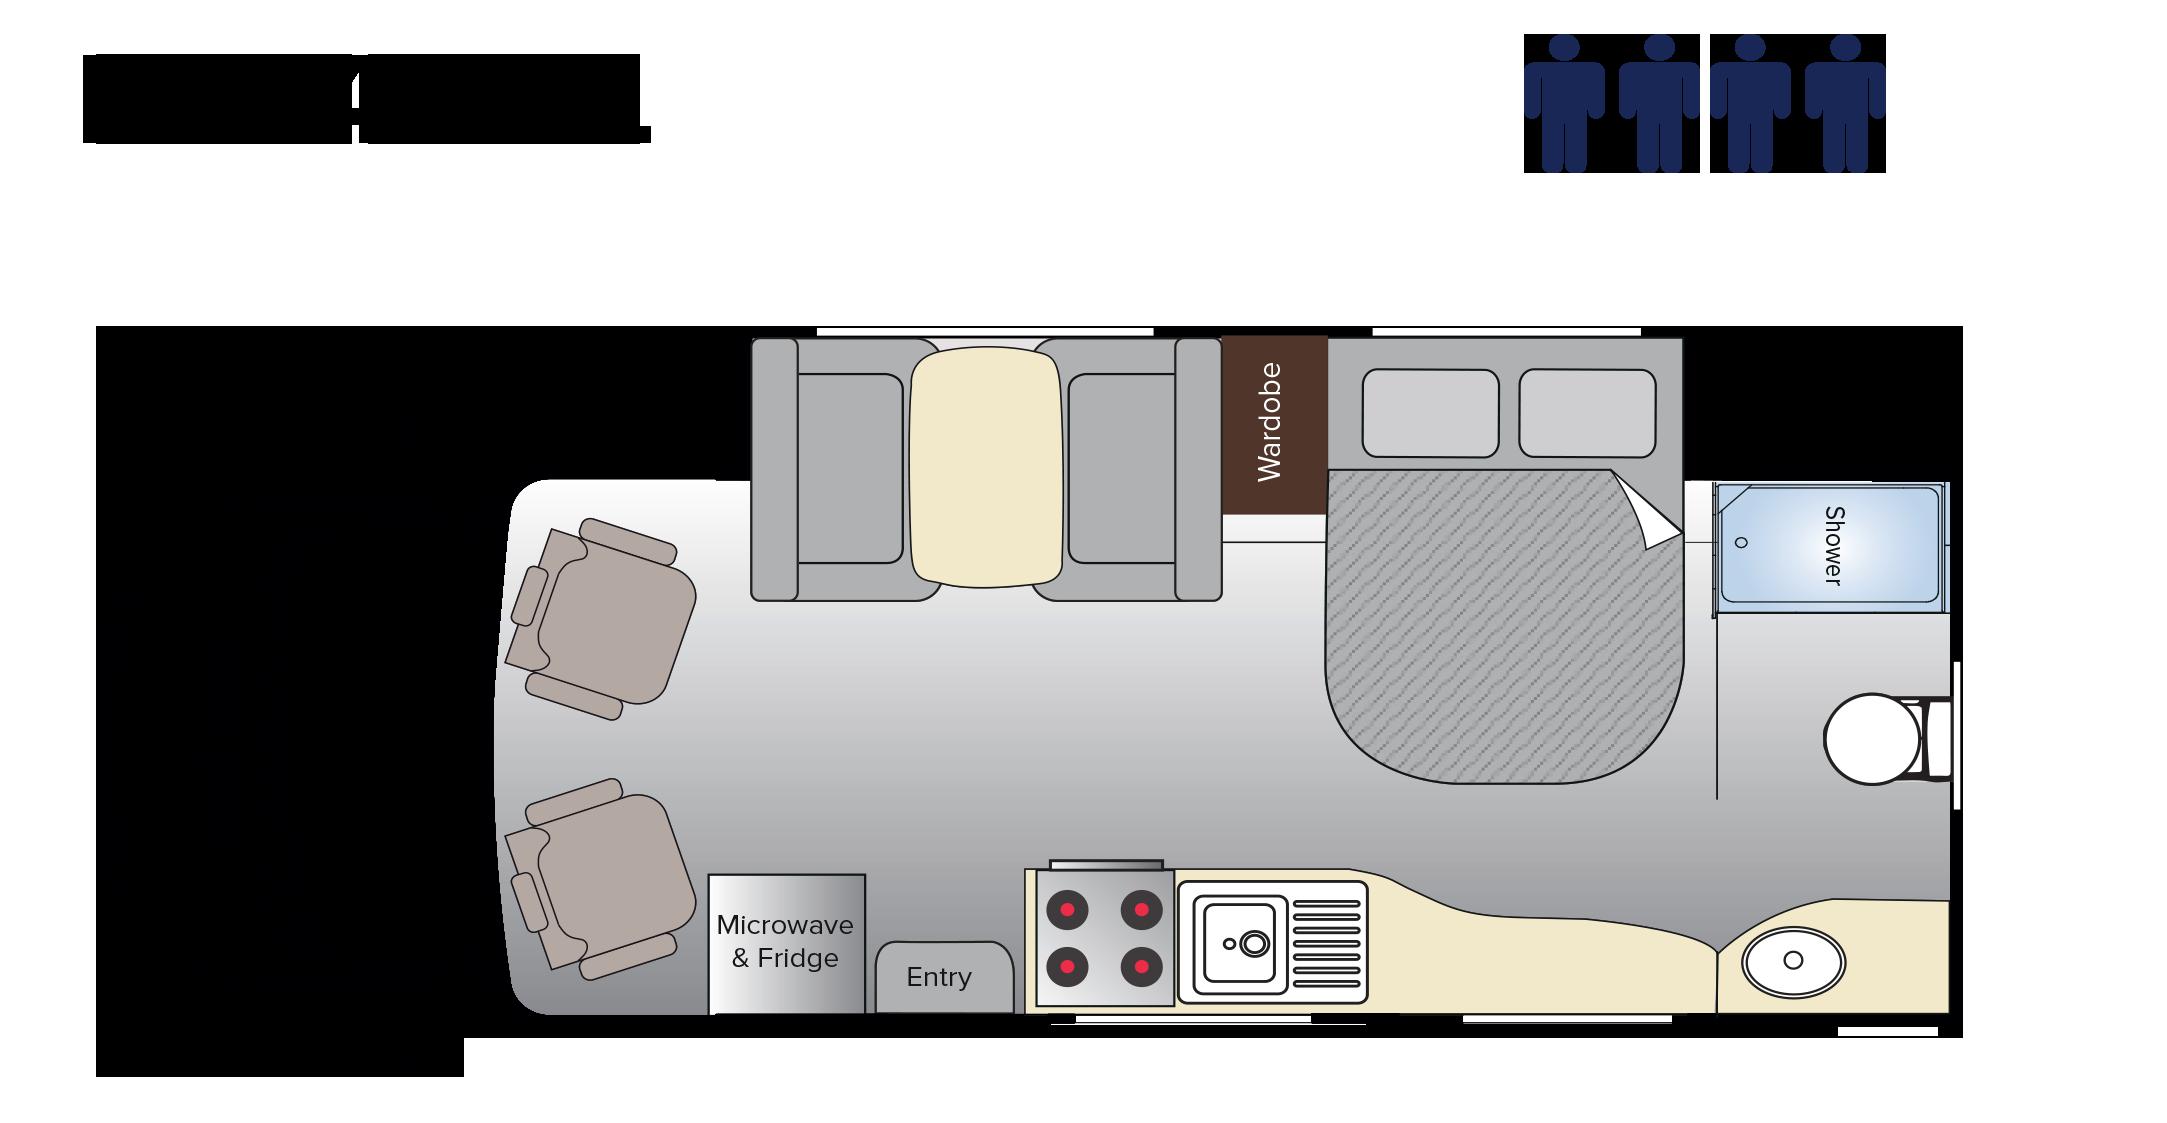 B7444 SL